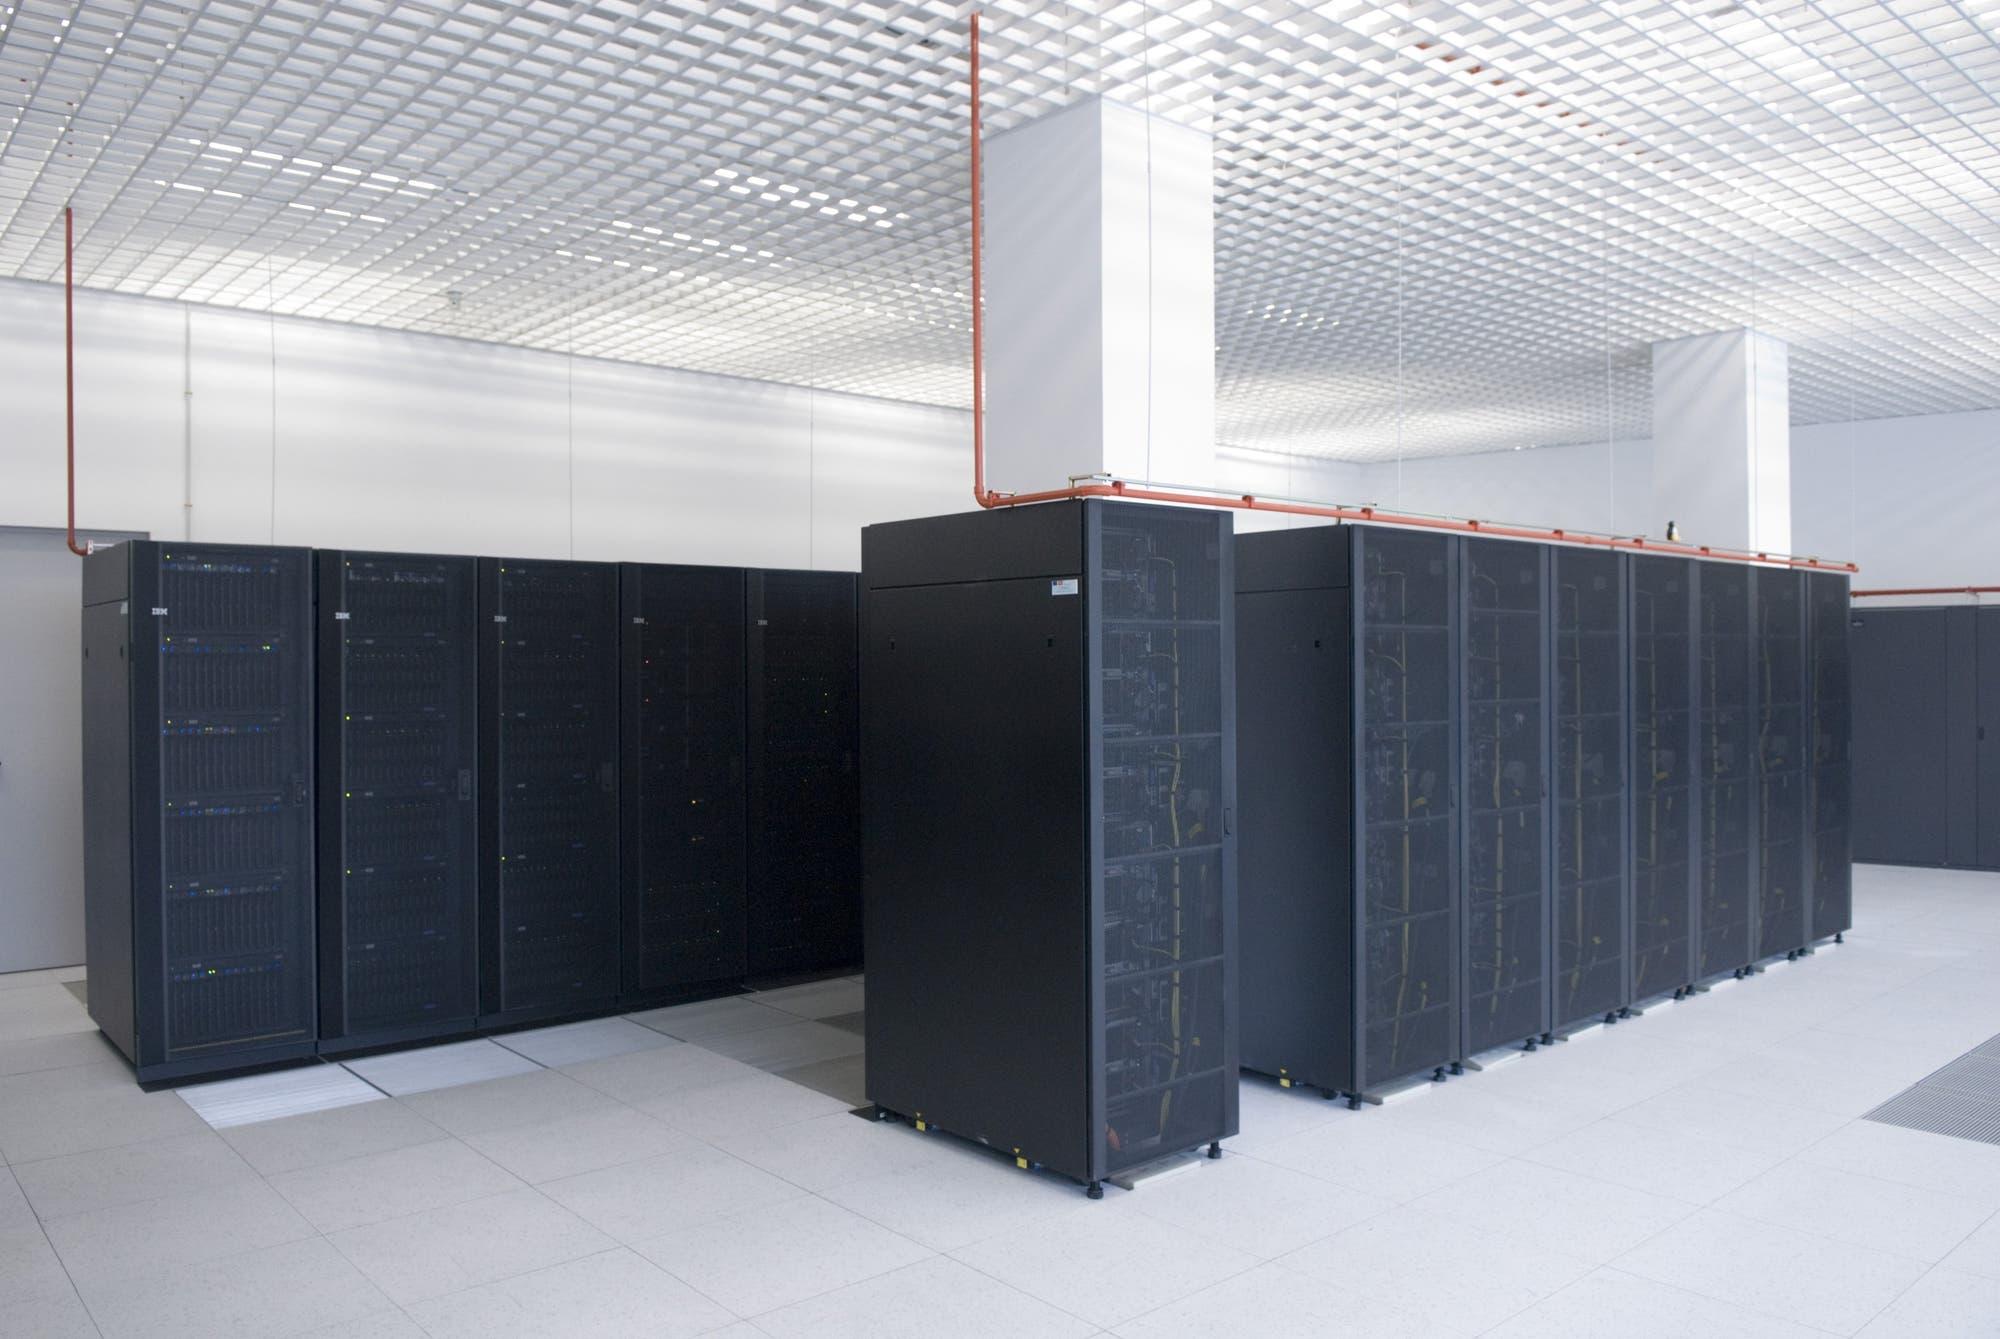 Gehirn im Supercomputer